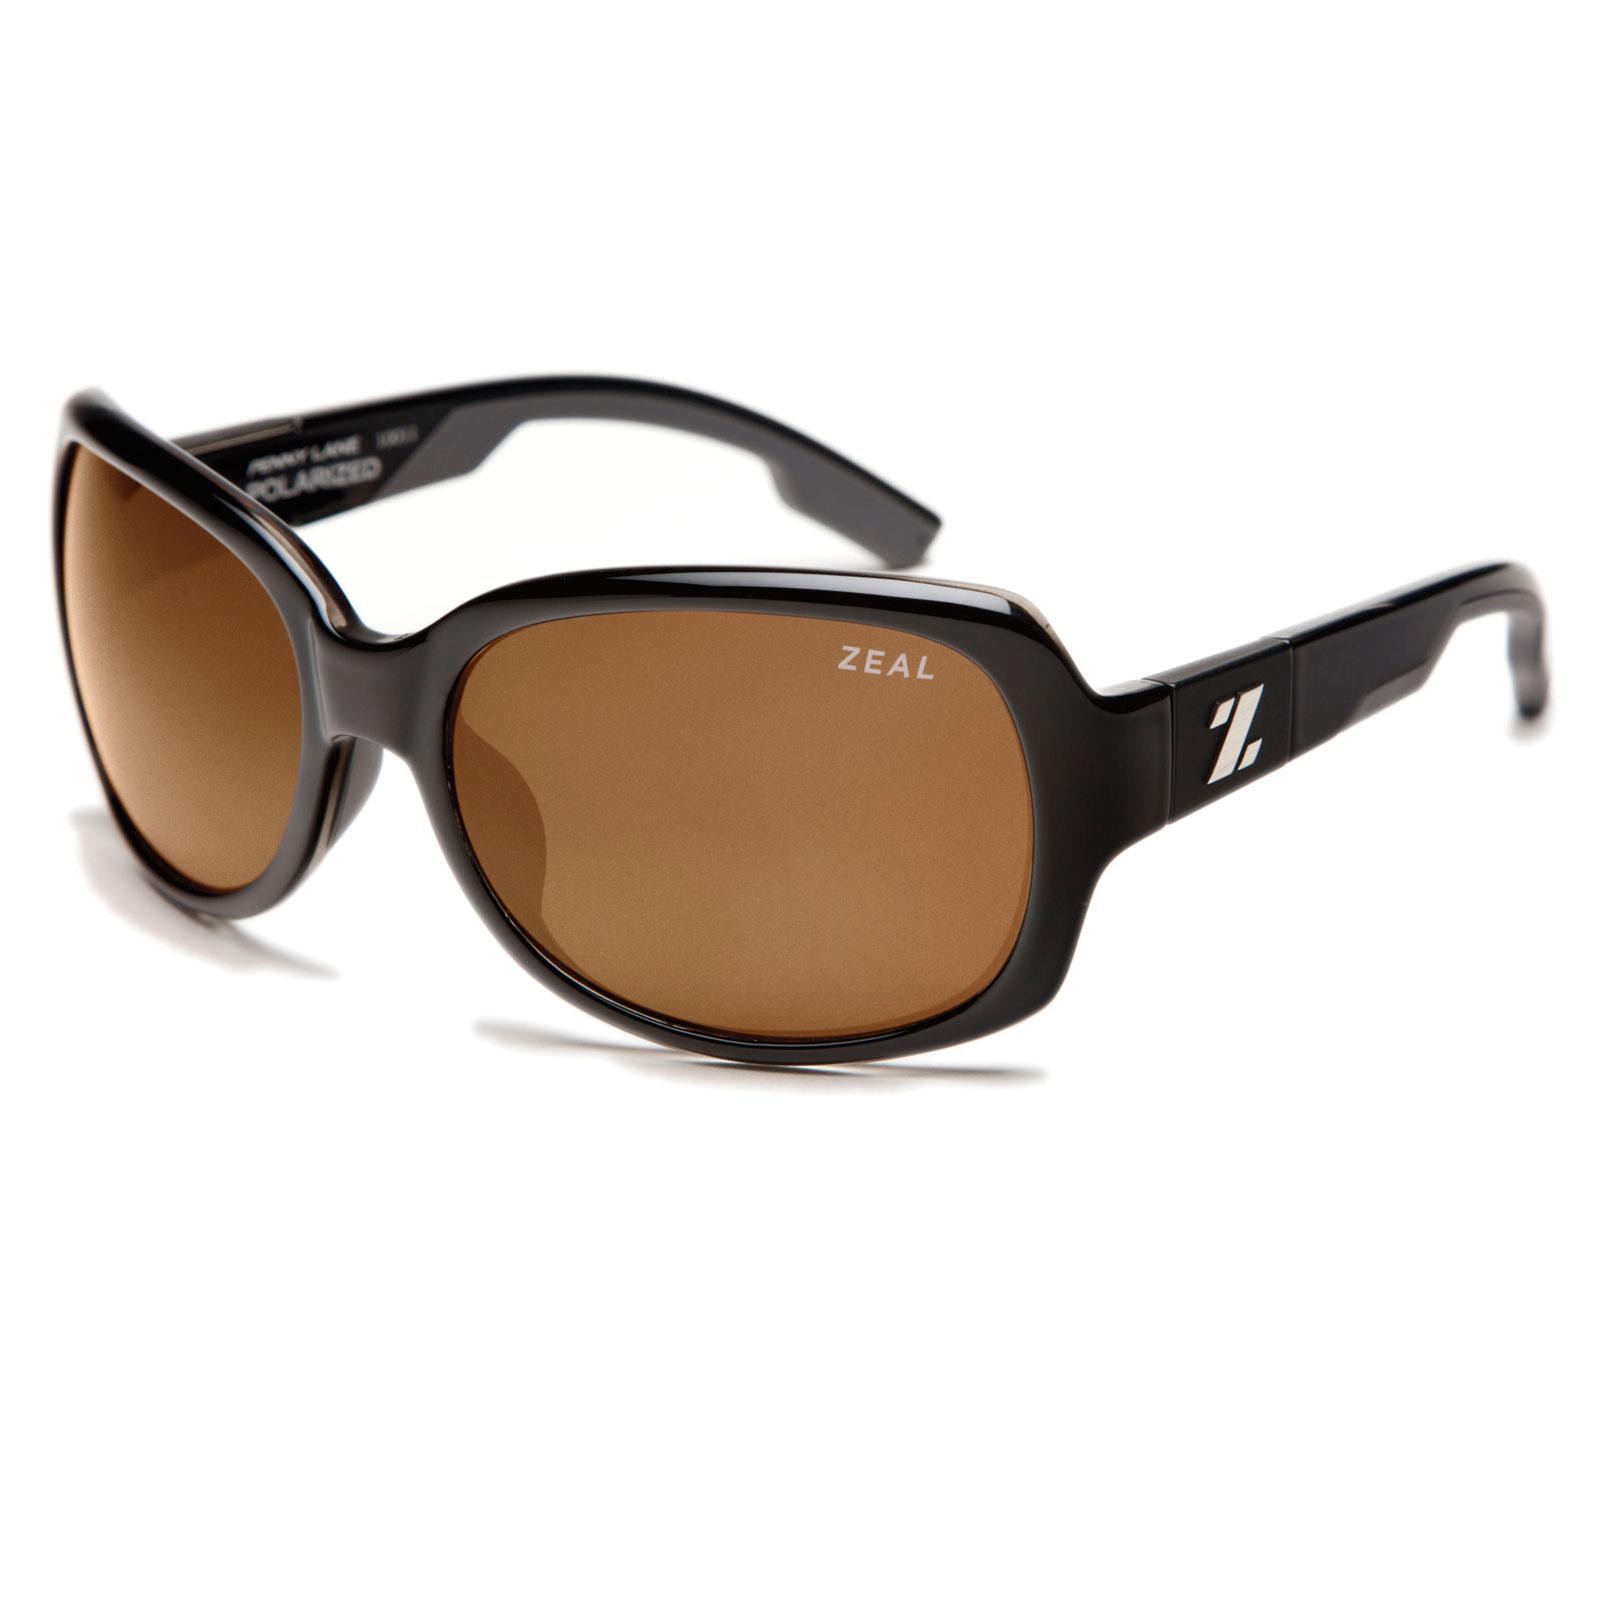 272d41d3b5 polarized uv sunglasses